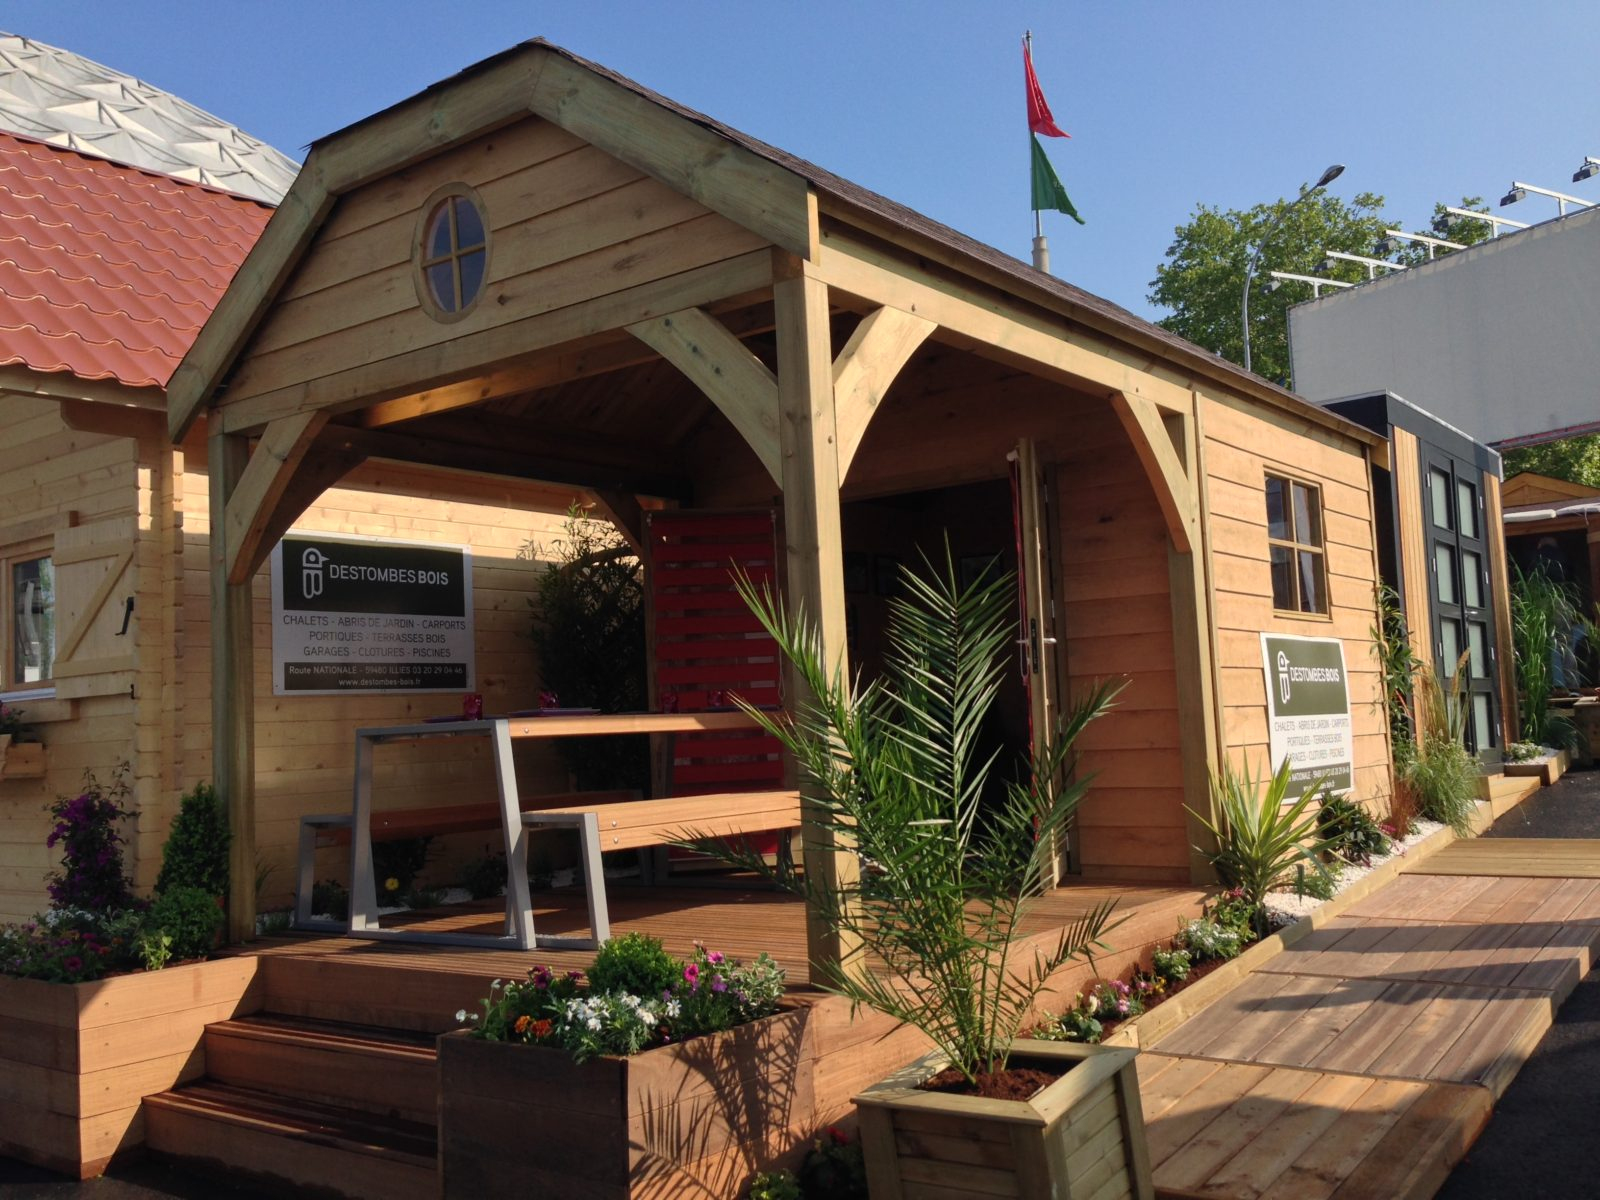 Destombes Bois | Abri De Jardin Bois - Garage - Carport ... pour Abri Terrasse Bois